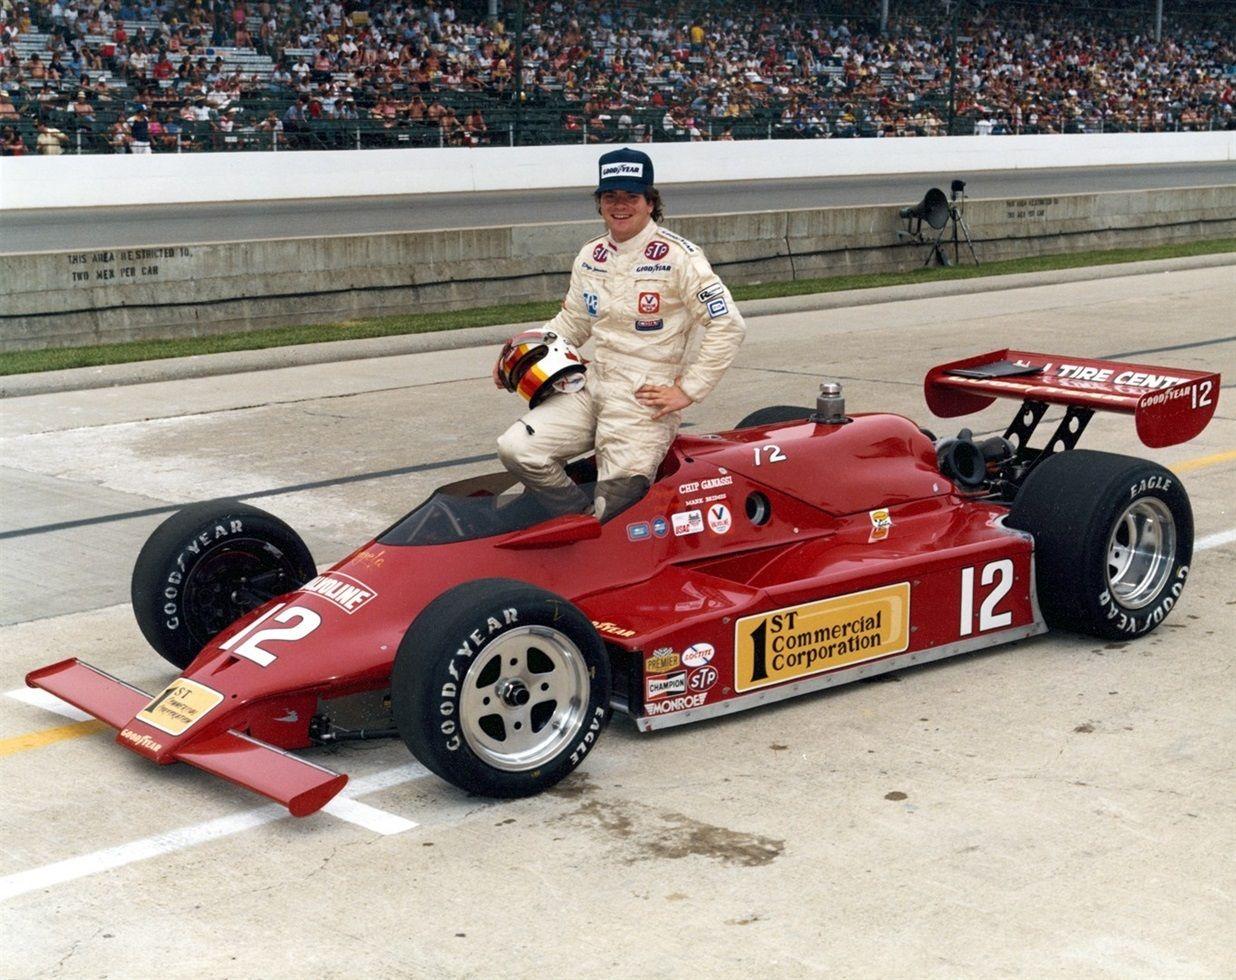 1982 chip ganassi indy car racing racing indy 500